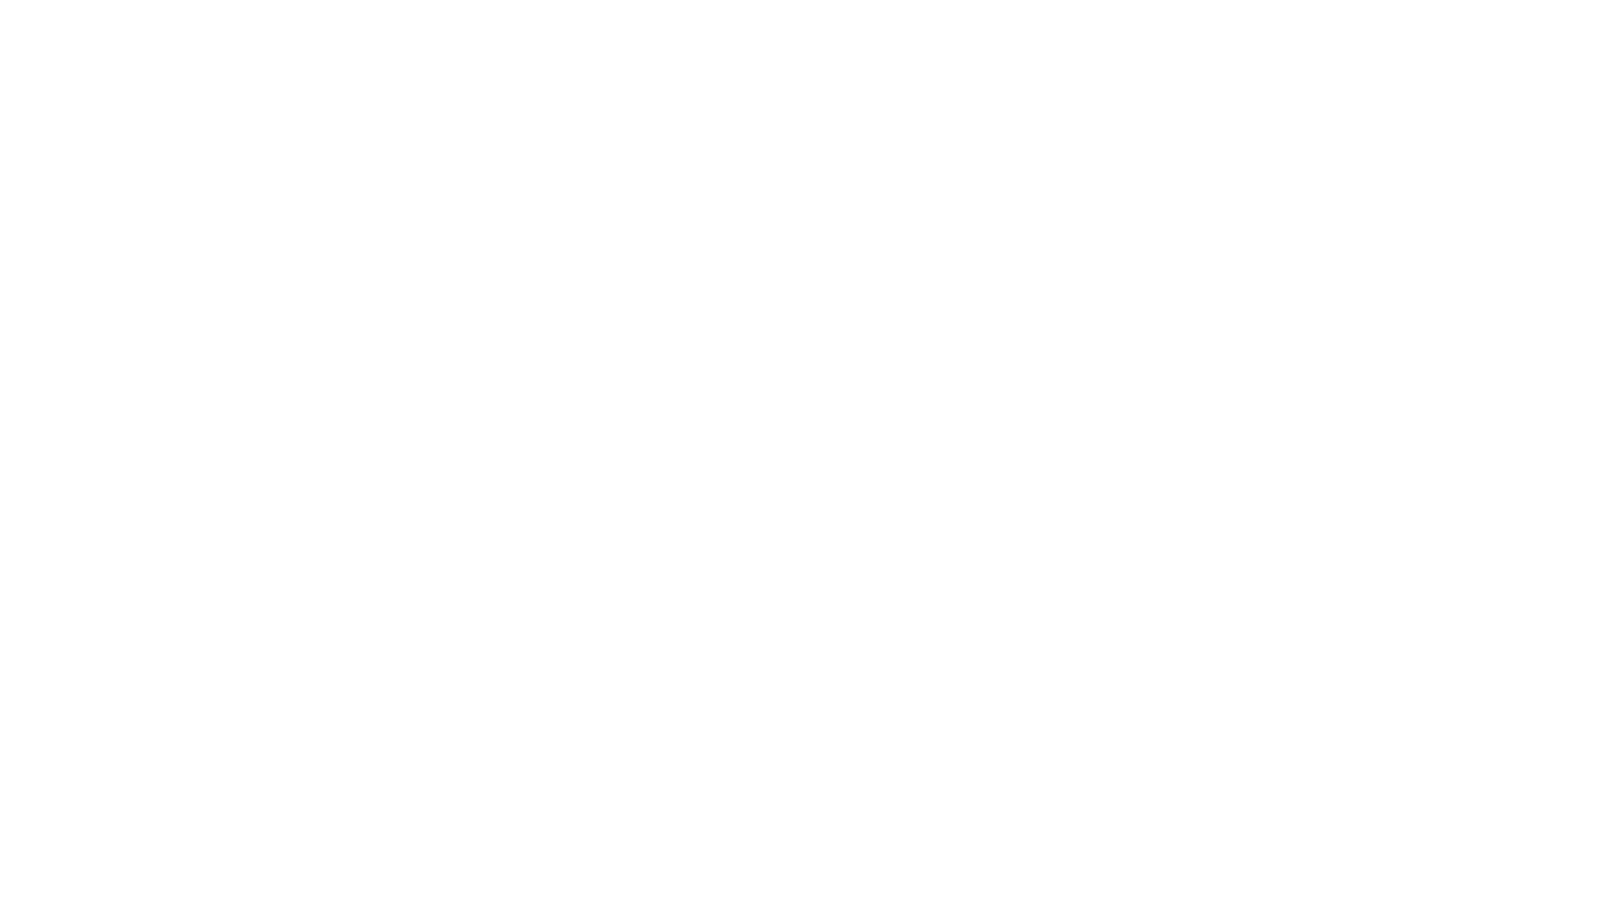 Vi facciamo vedere cosa abbiamo trovato nella scatola Duotone che è arrivata in redazione.... Il nuovissimo Duotone Slick 6.0.  Tutte le notizie più fresche sui foil e sui wing le trovate solo su https://foilnewsmag.it/  Edited by LTD Valley